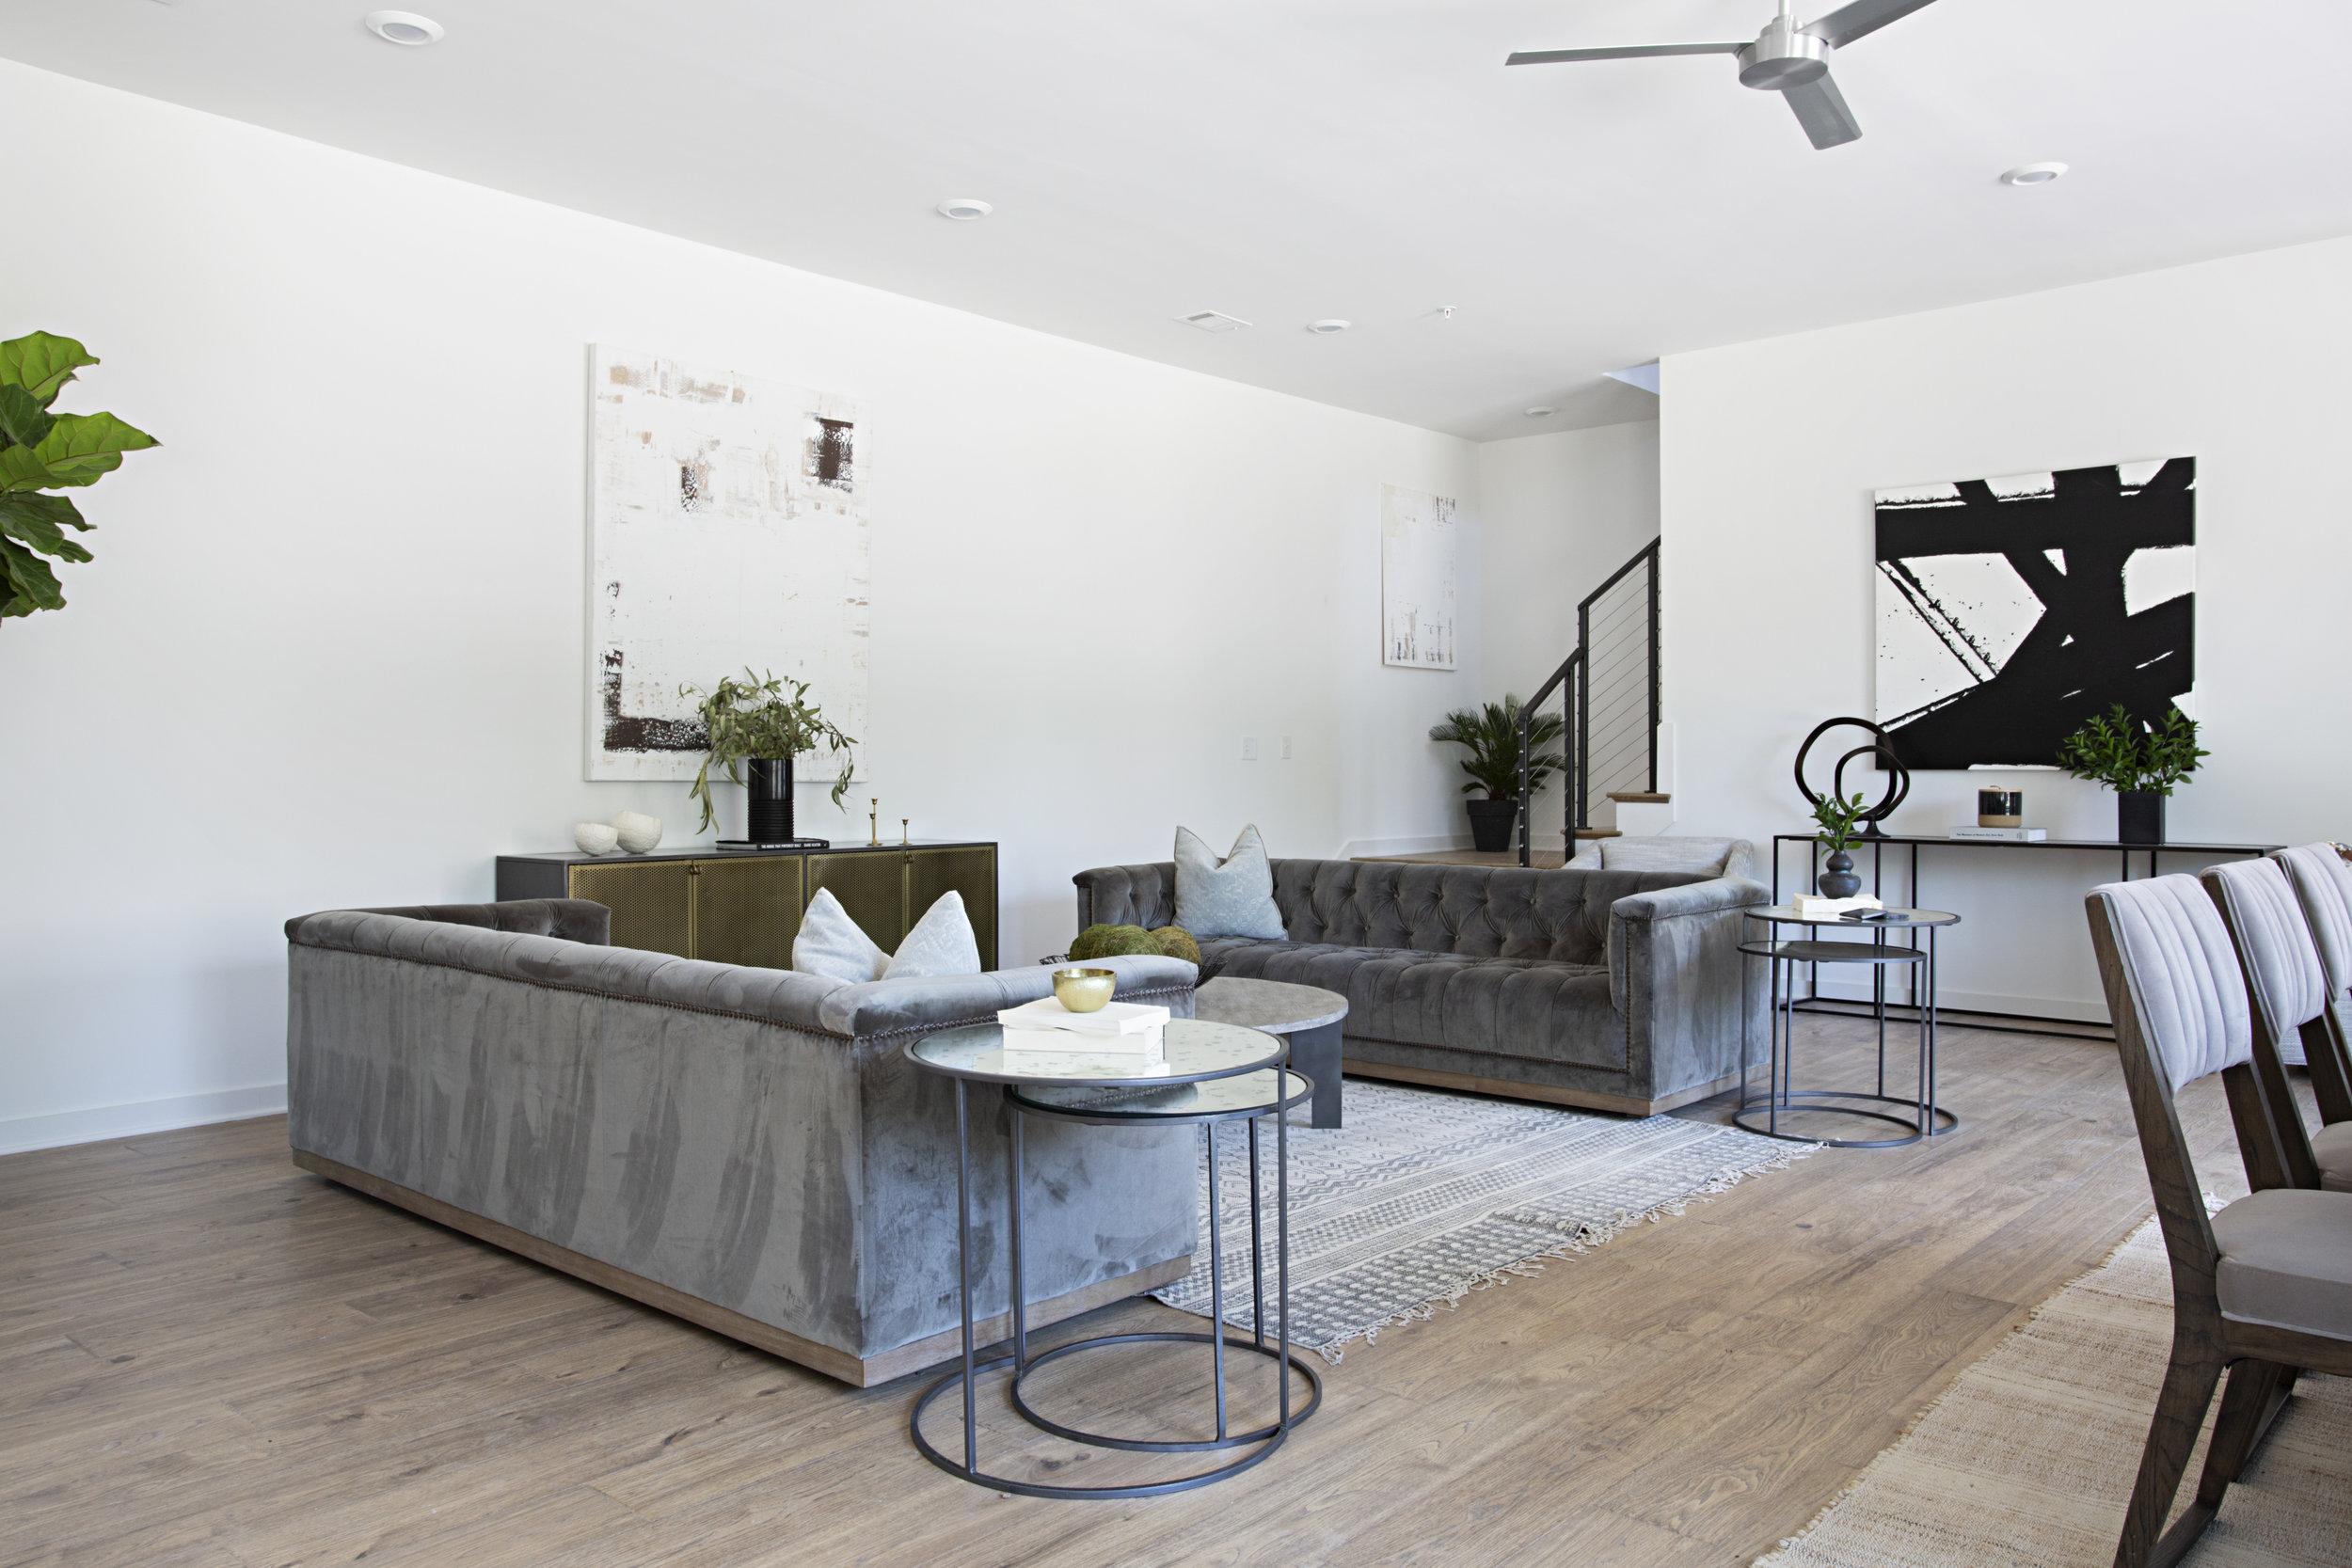 35-mayker-creative-interiors-1404-pillow.jpg